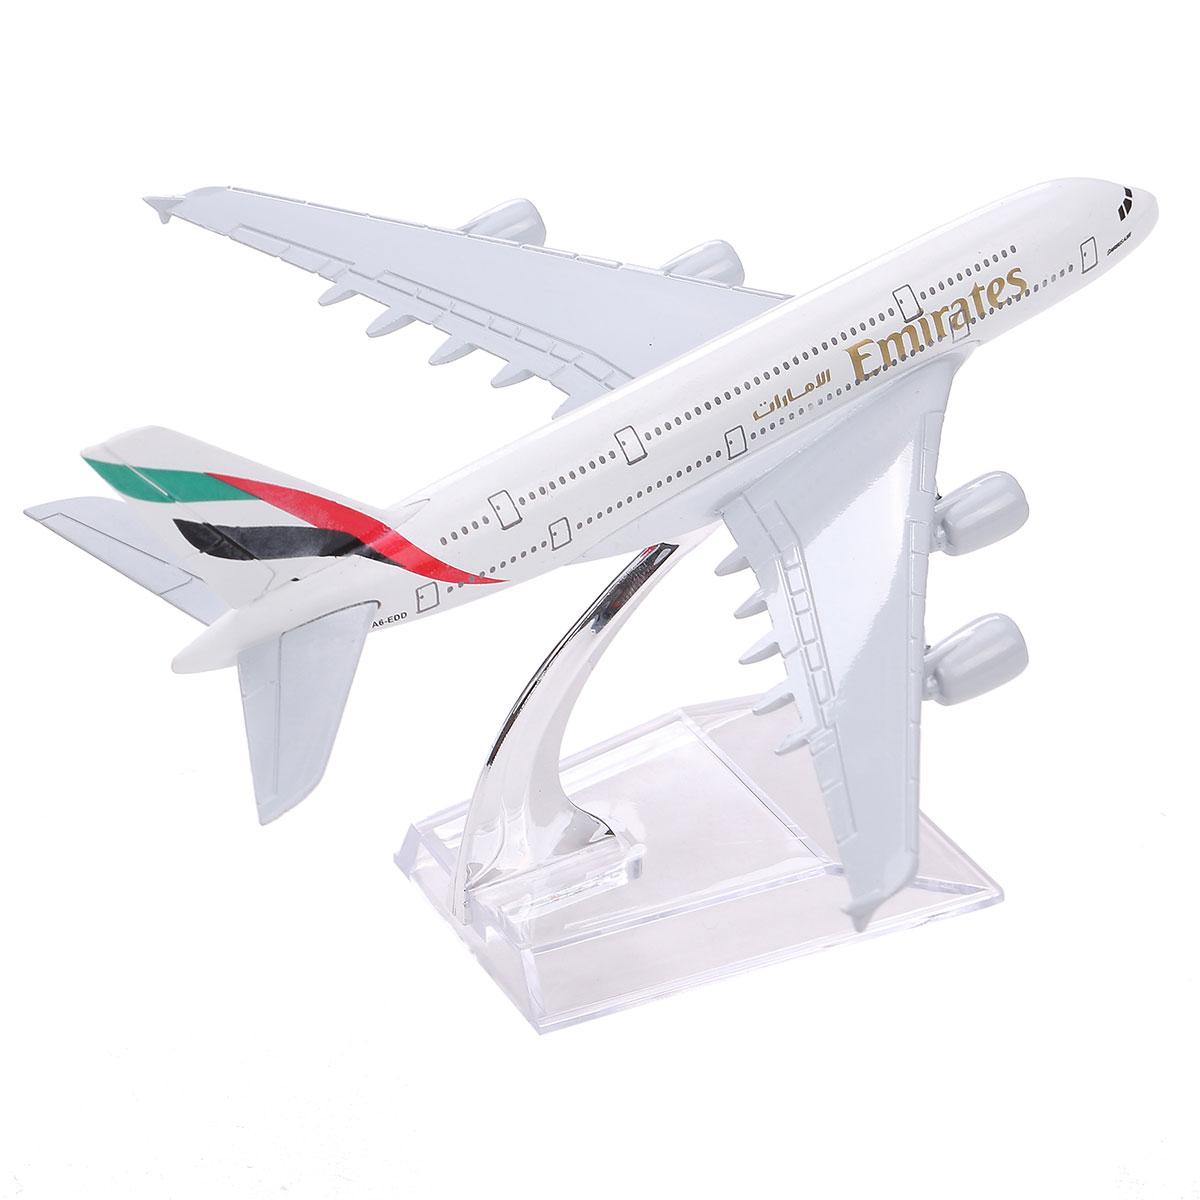 Model New Airbus380 Emirates Airways A-380 Plane  Aeroplan 16cm Diecast Mannequin United Arab Emirates A380 Excessive Simulation